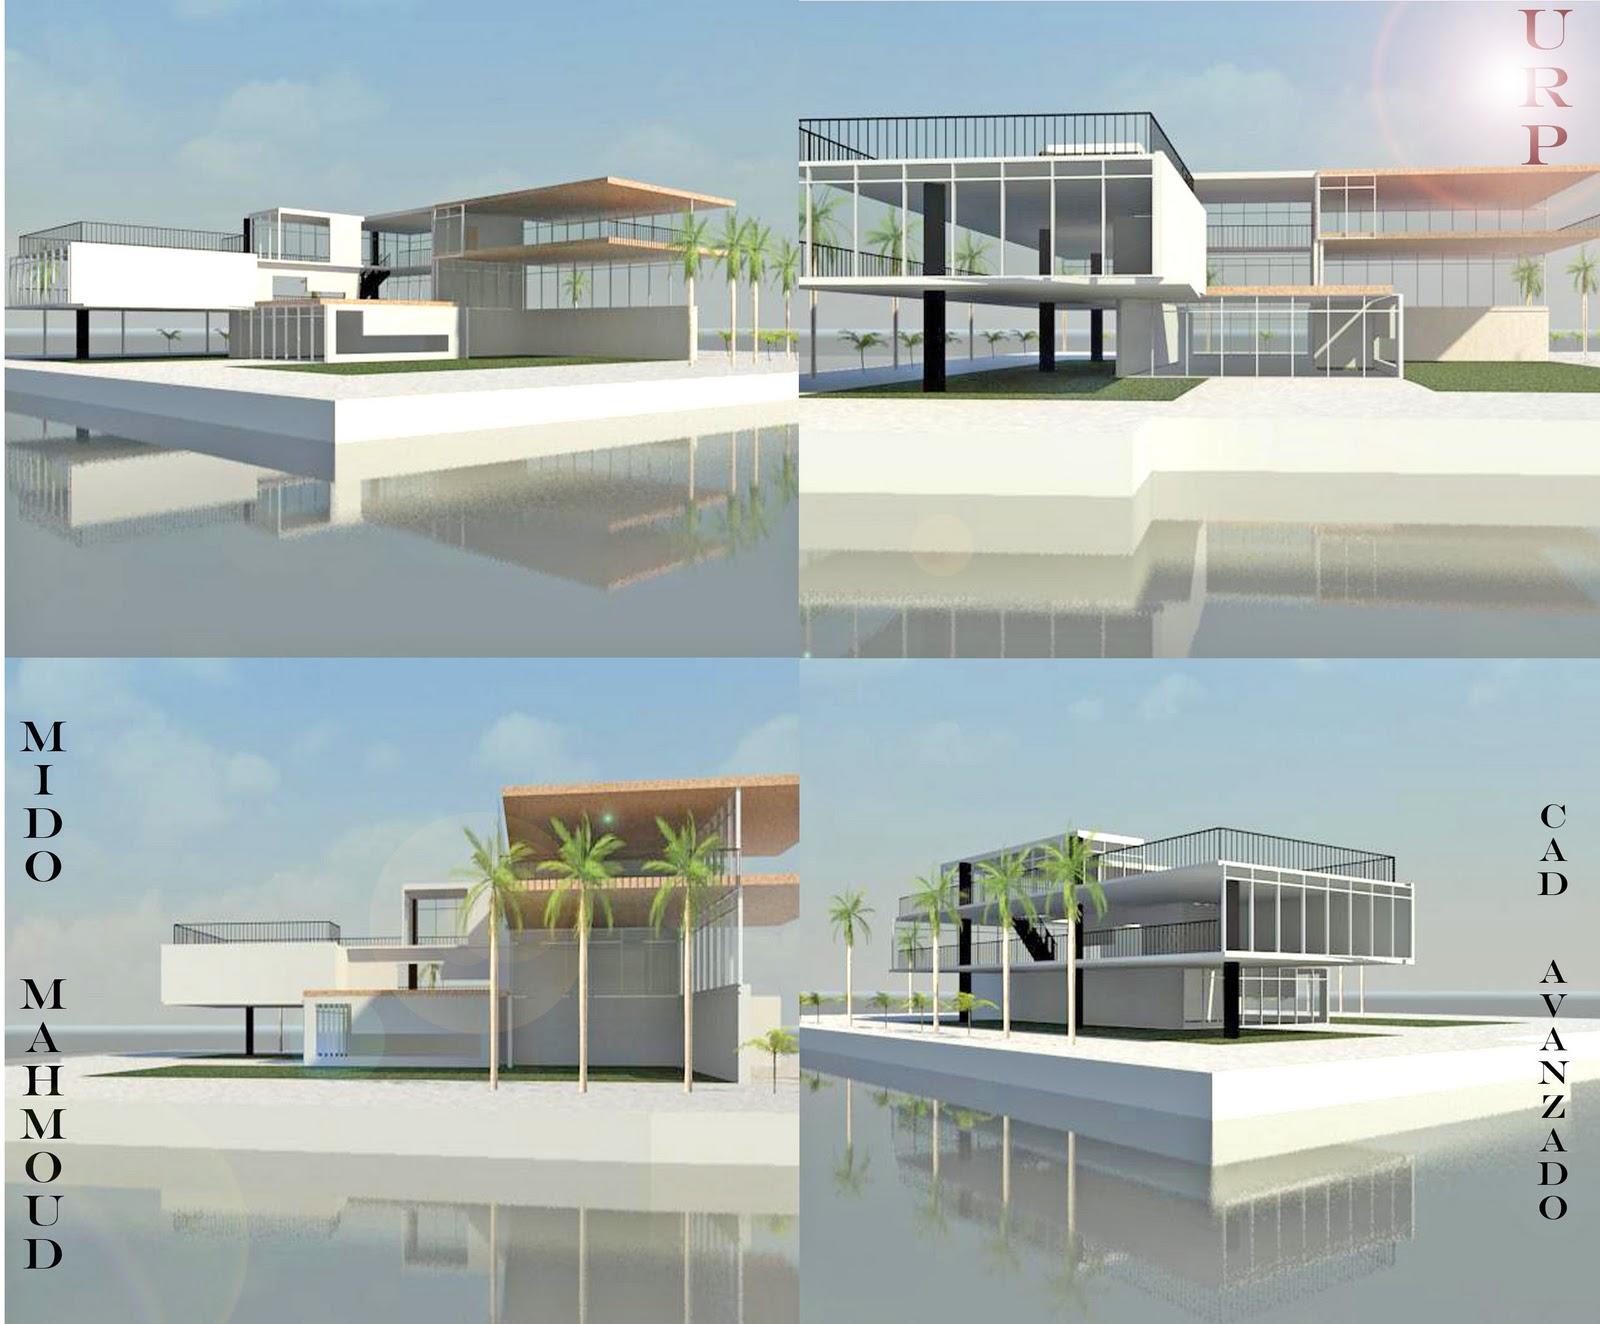 Las americas virtual design studio ricardo palma for Pie de plano arquitectonico pdf